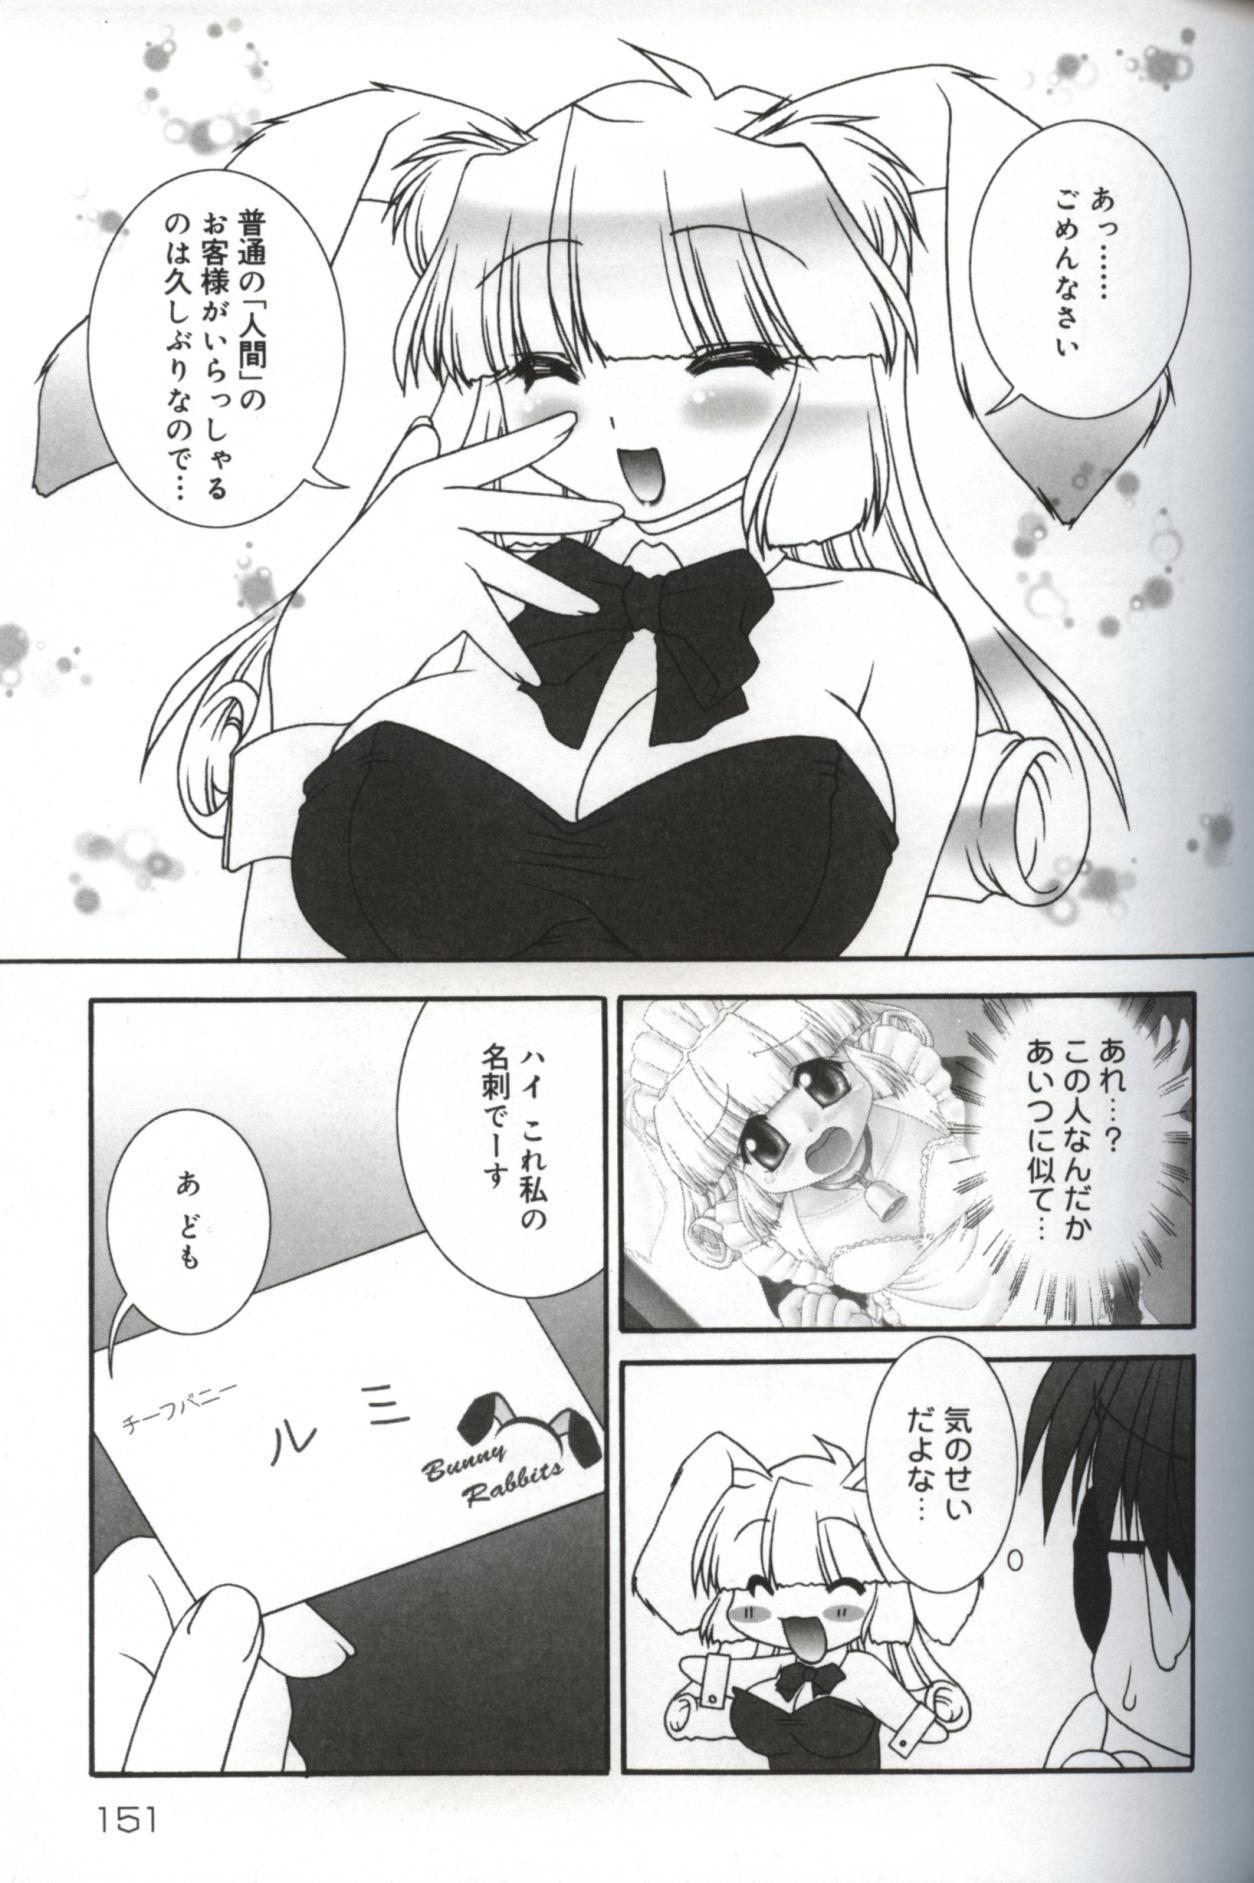 Hatsujou ♡ Oneesama 151